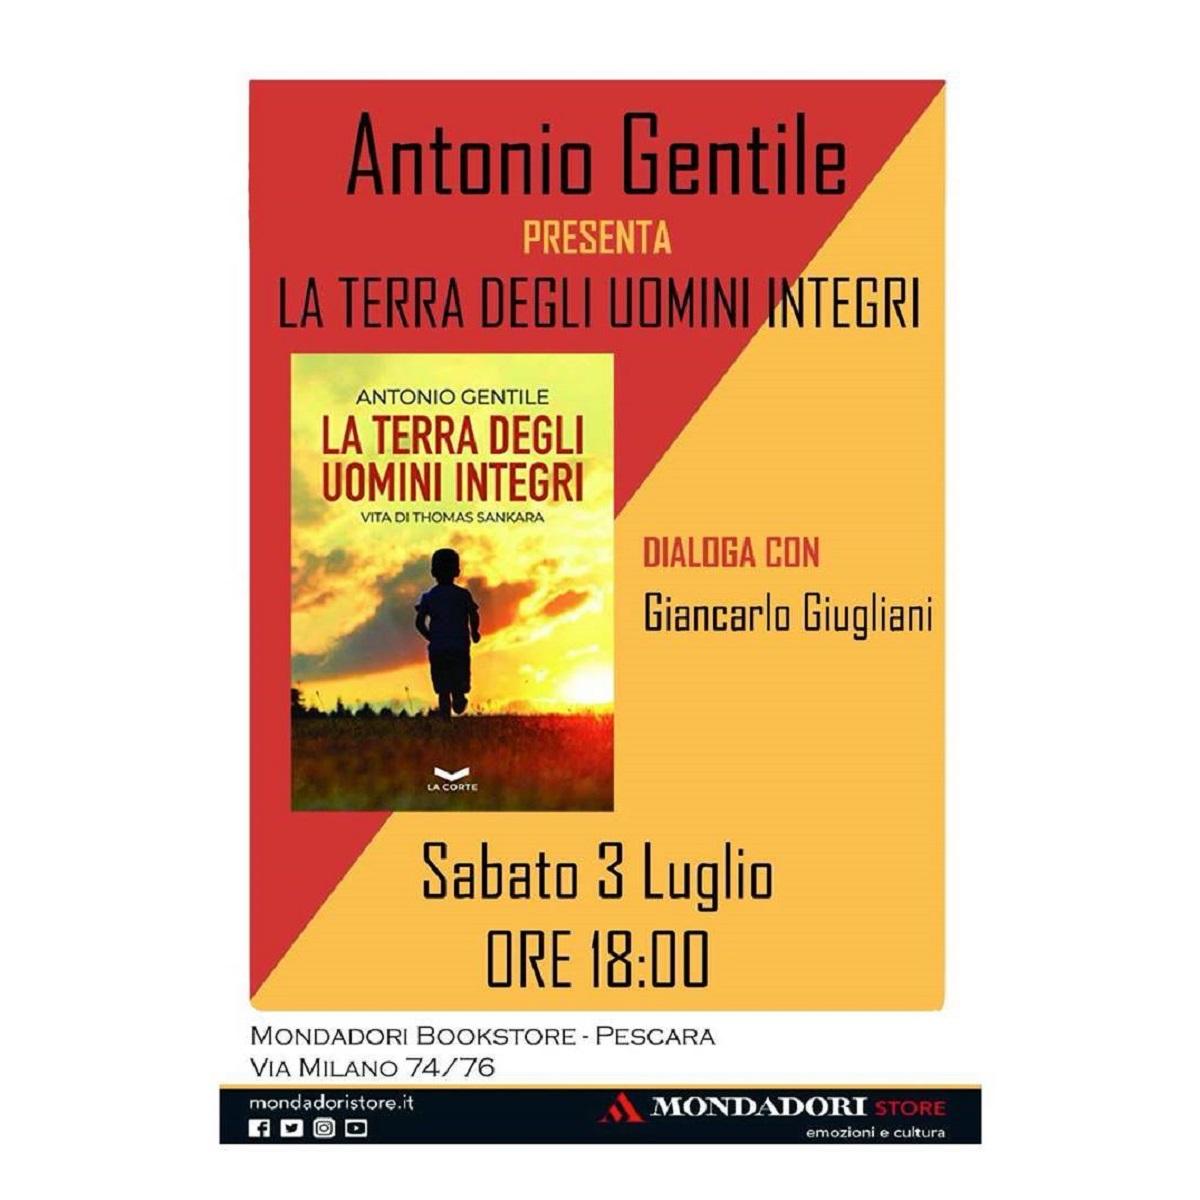 Antonio Gentile presso Mondadori Bookstore Pescara foto